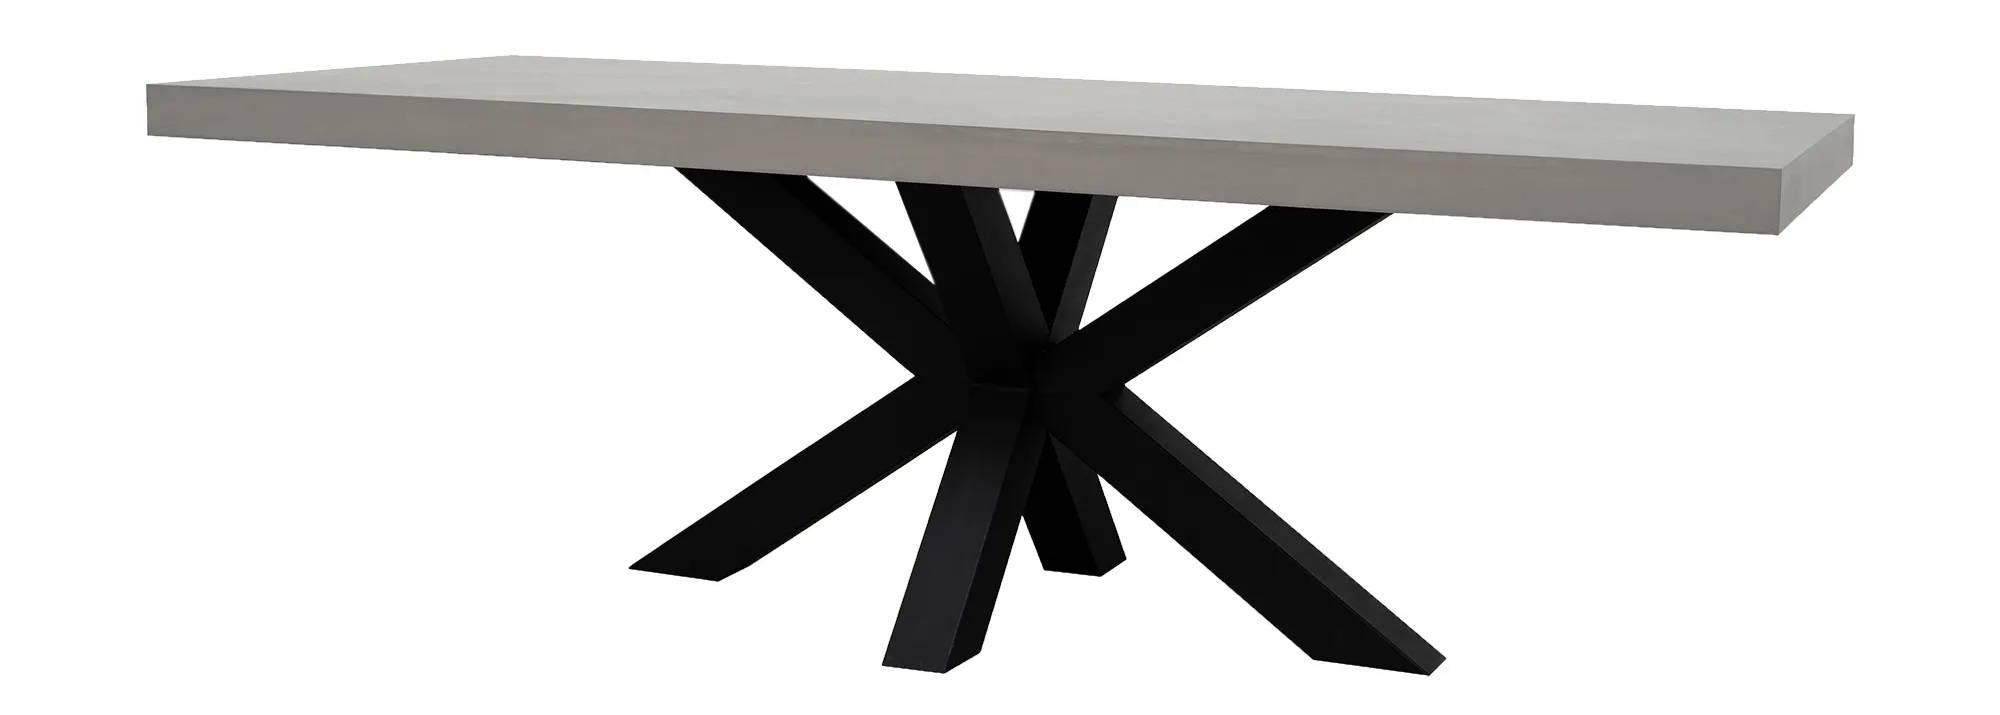 Betonnen tafelblad soorten en vormen